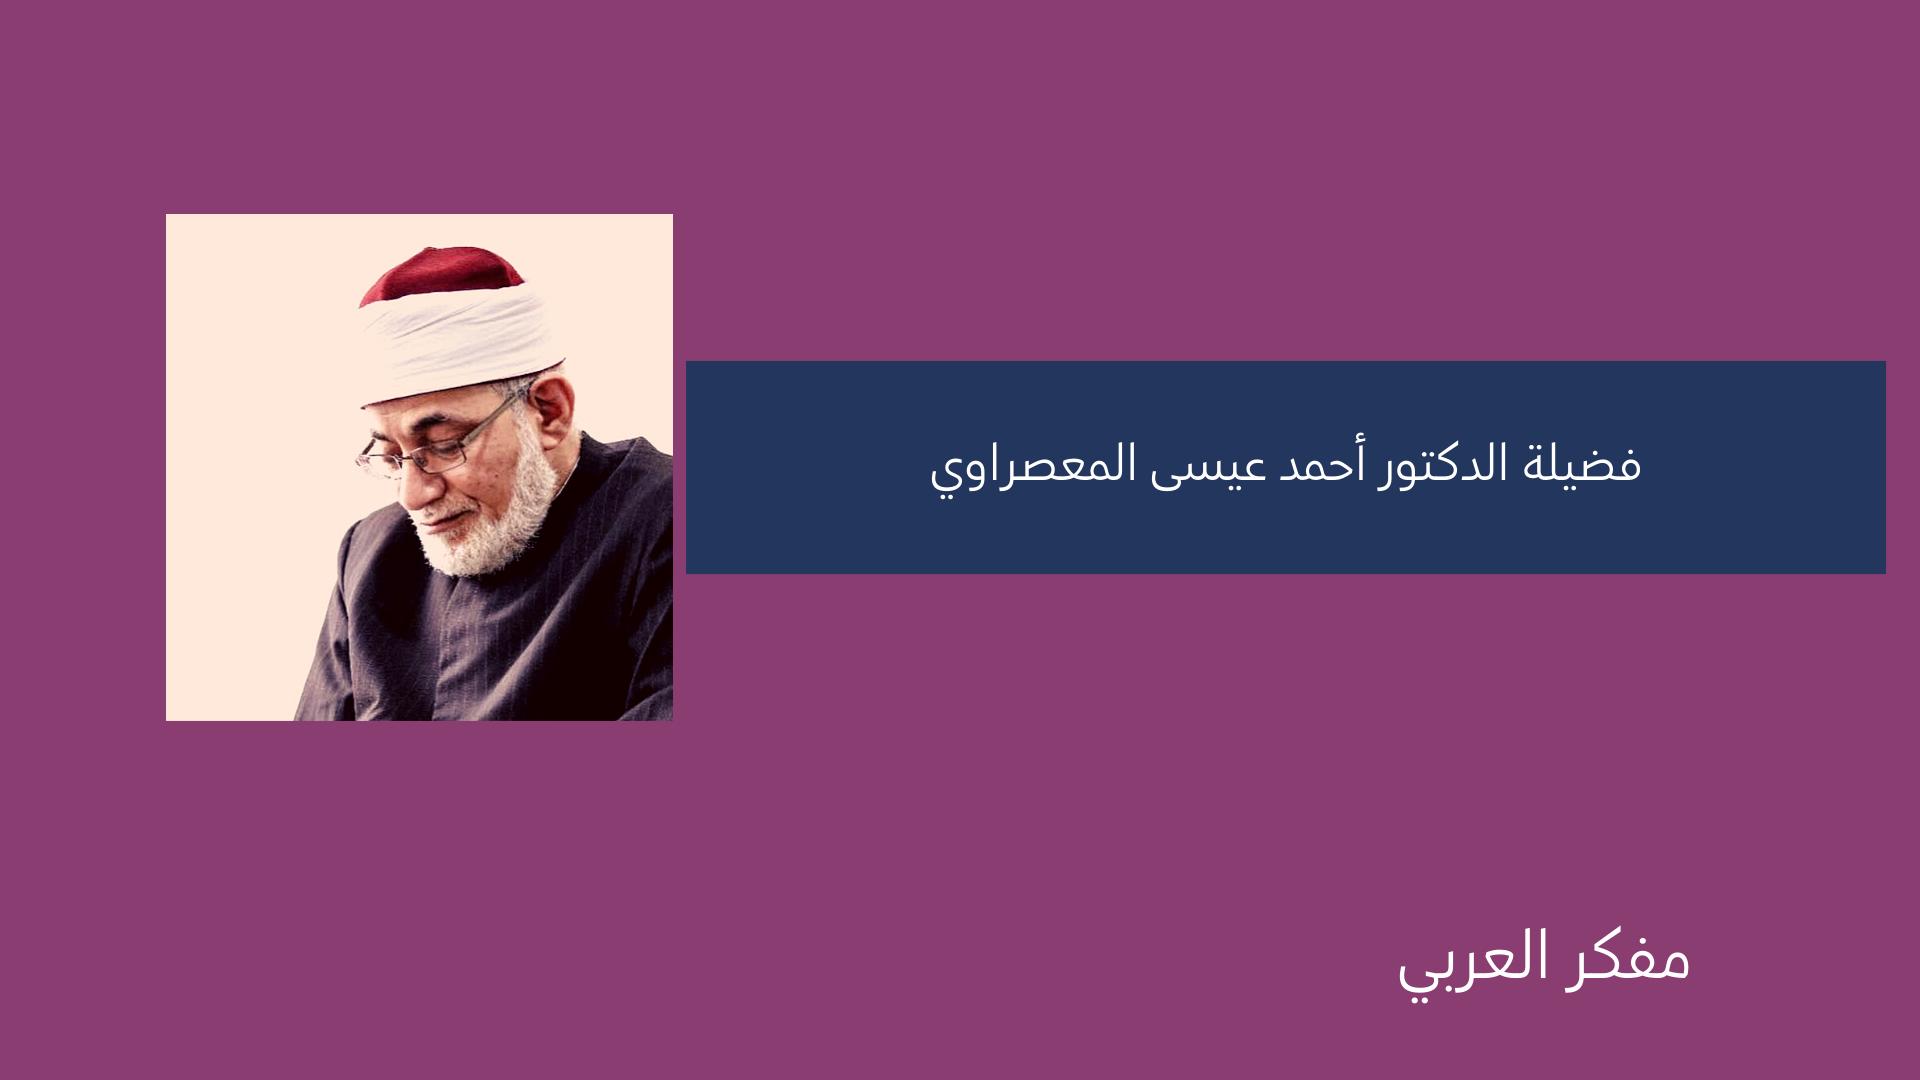 الشيخ الدكتور أحمد عيسى المعصراوي